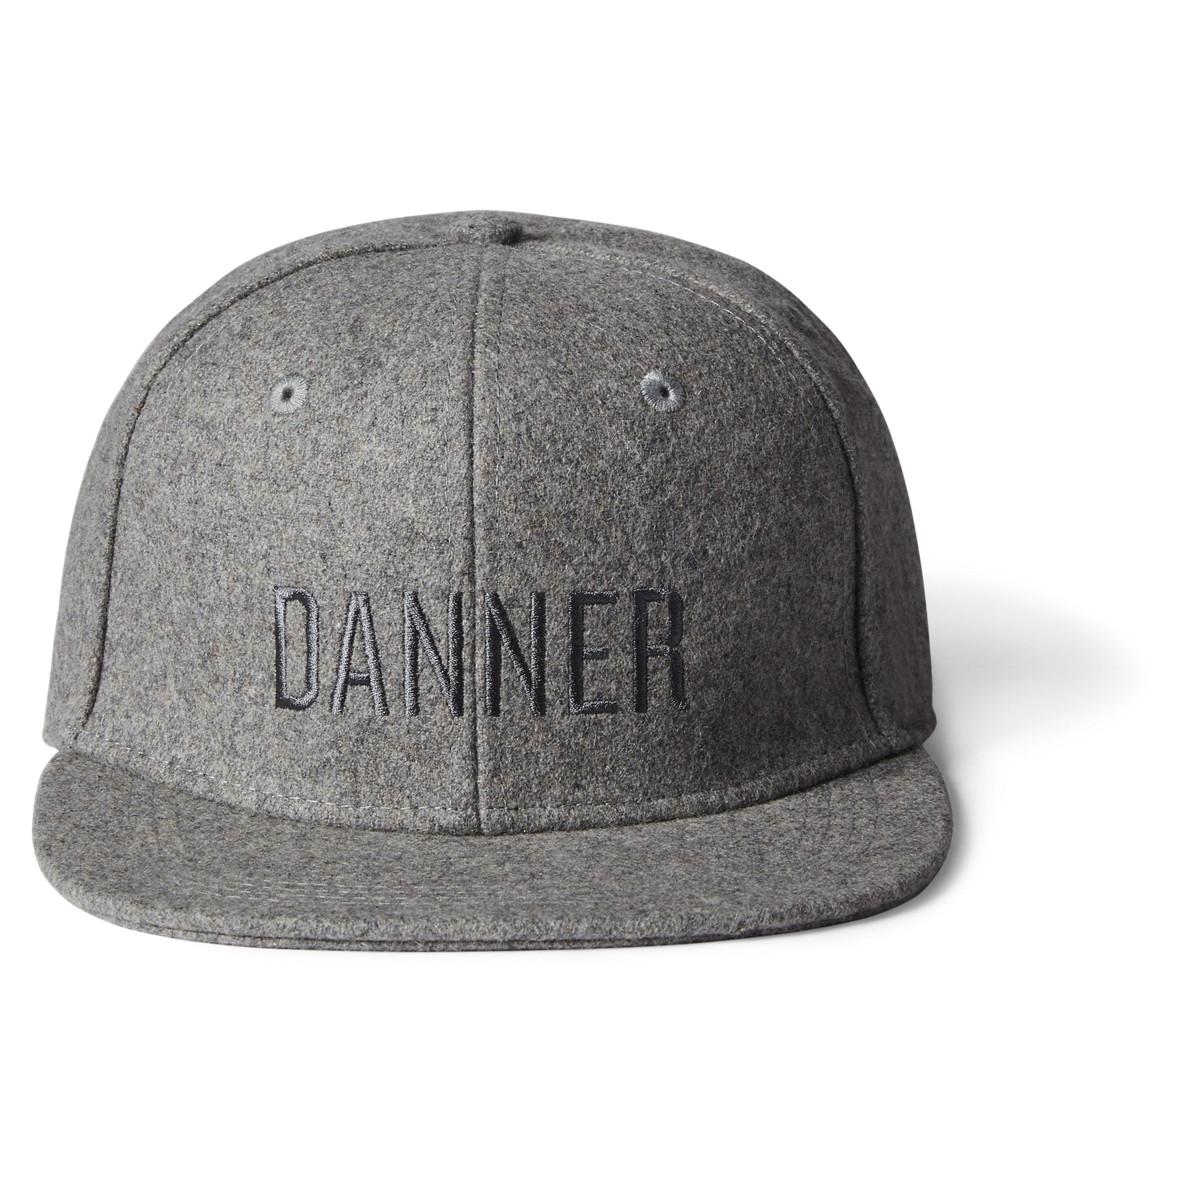 Danner Wool Flat Brim - Gray